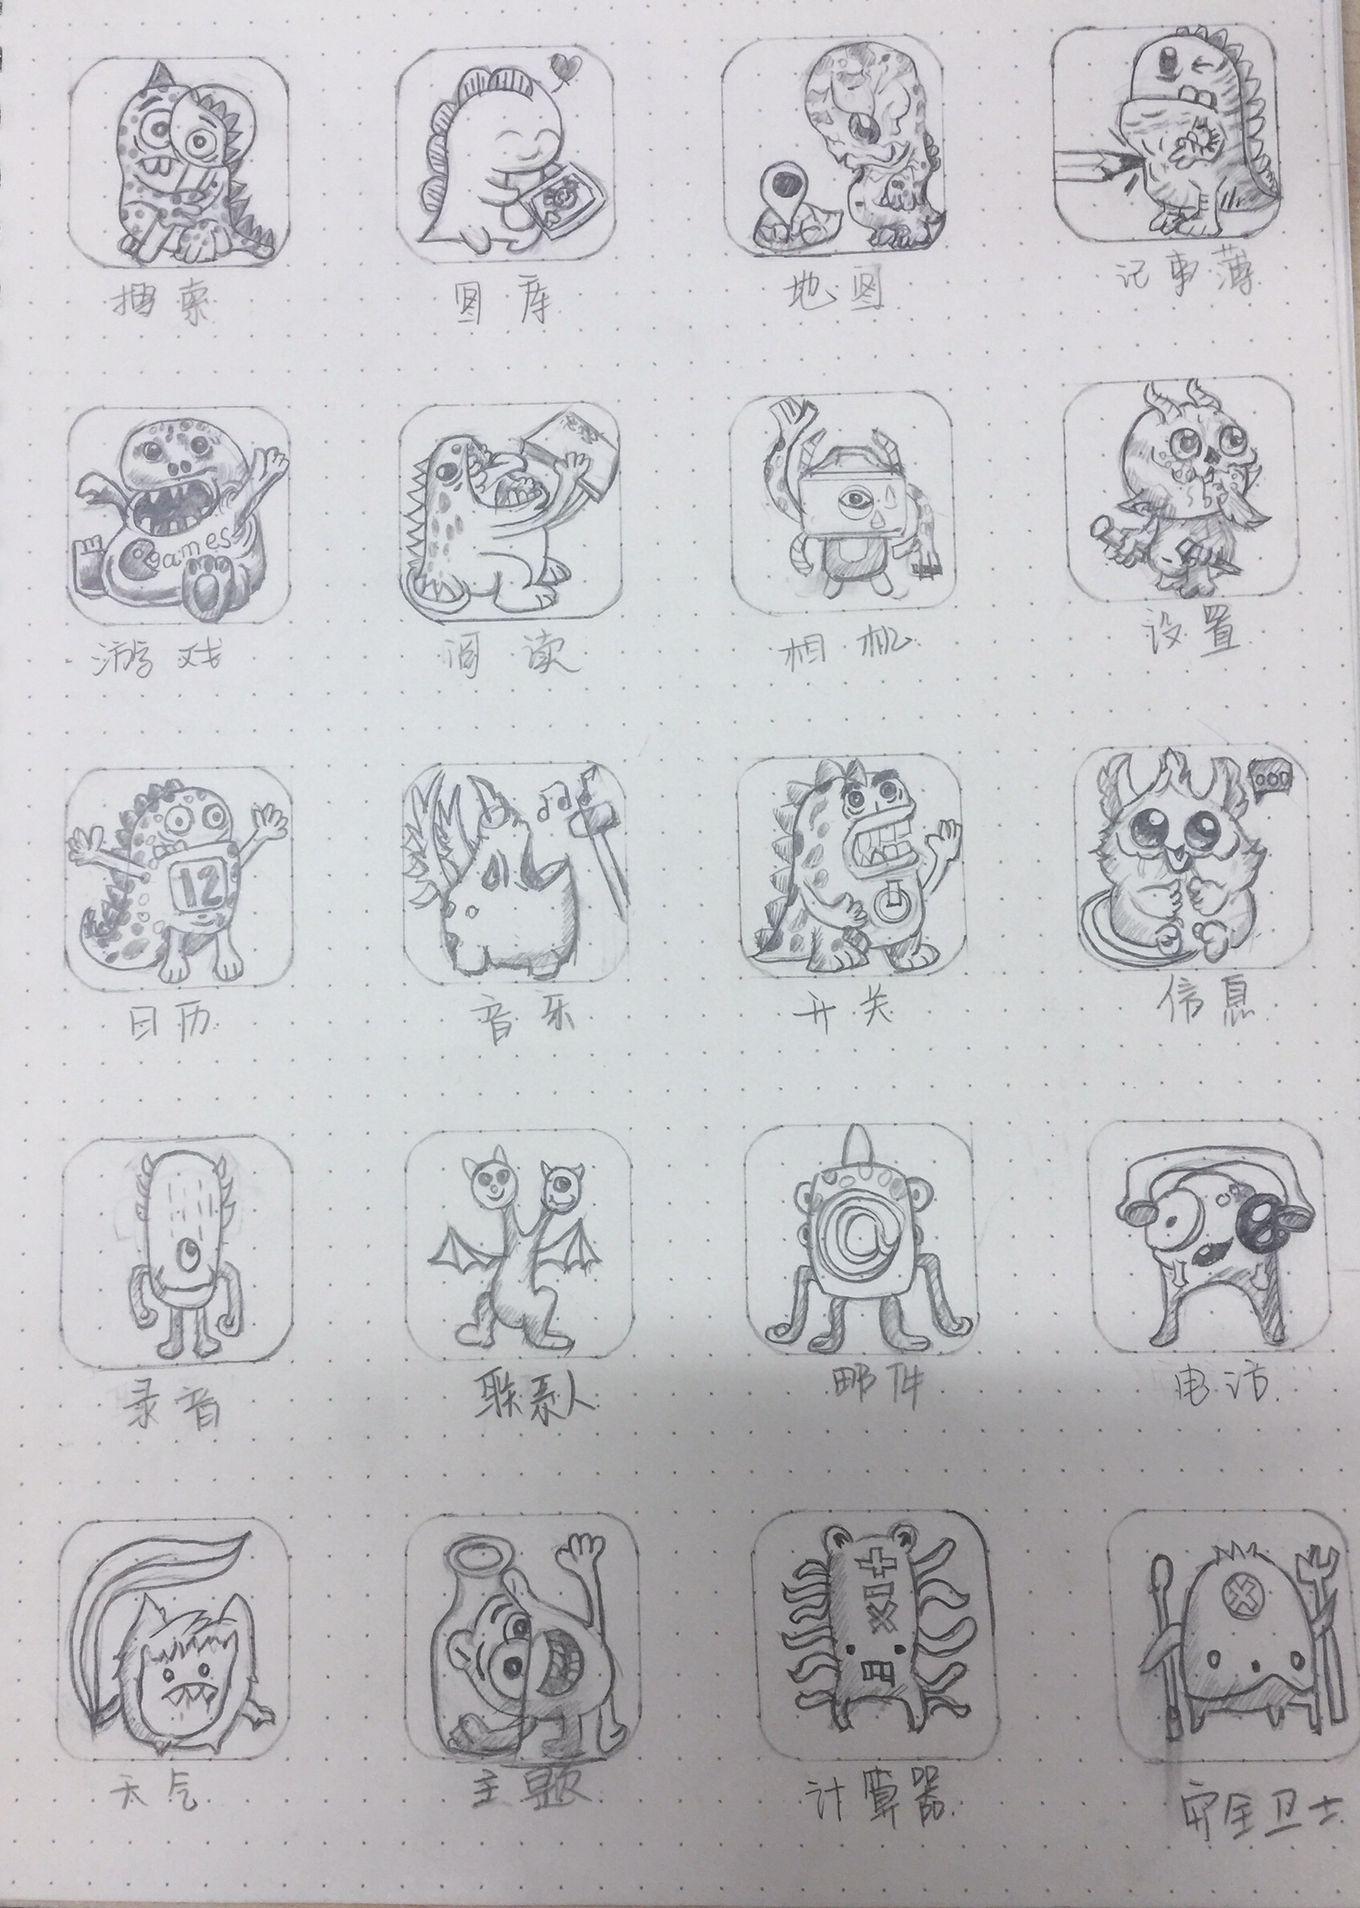 手绘小怪兽图标